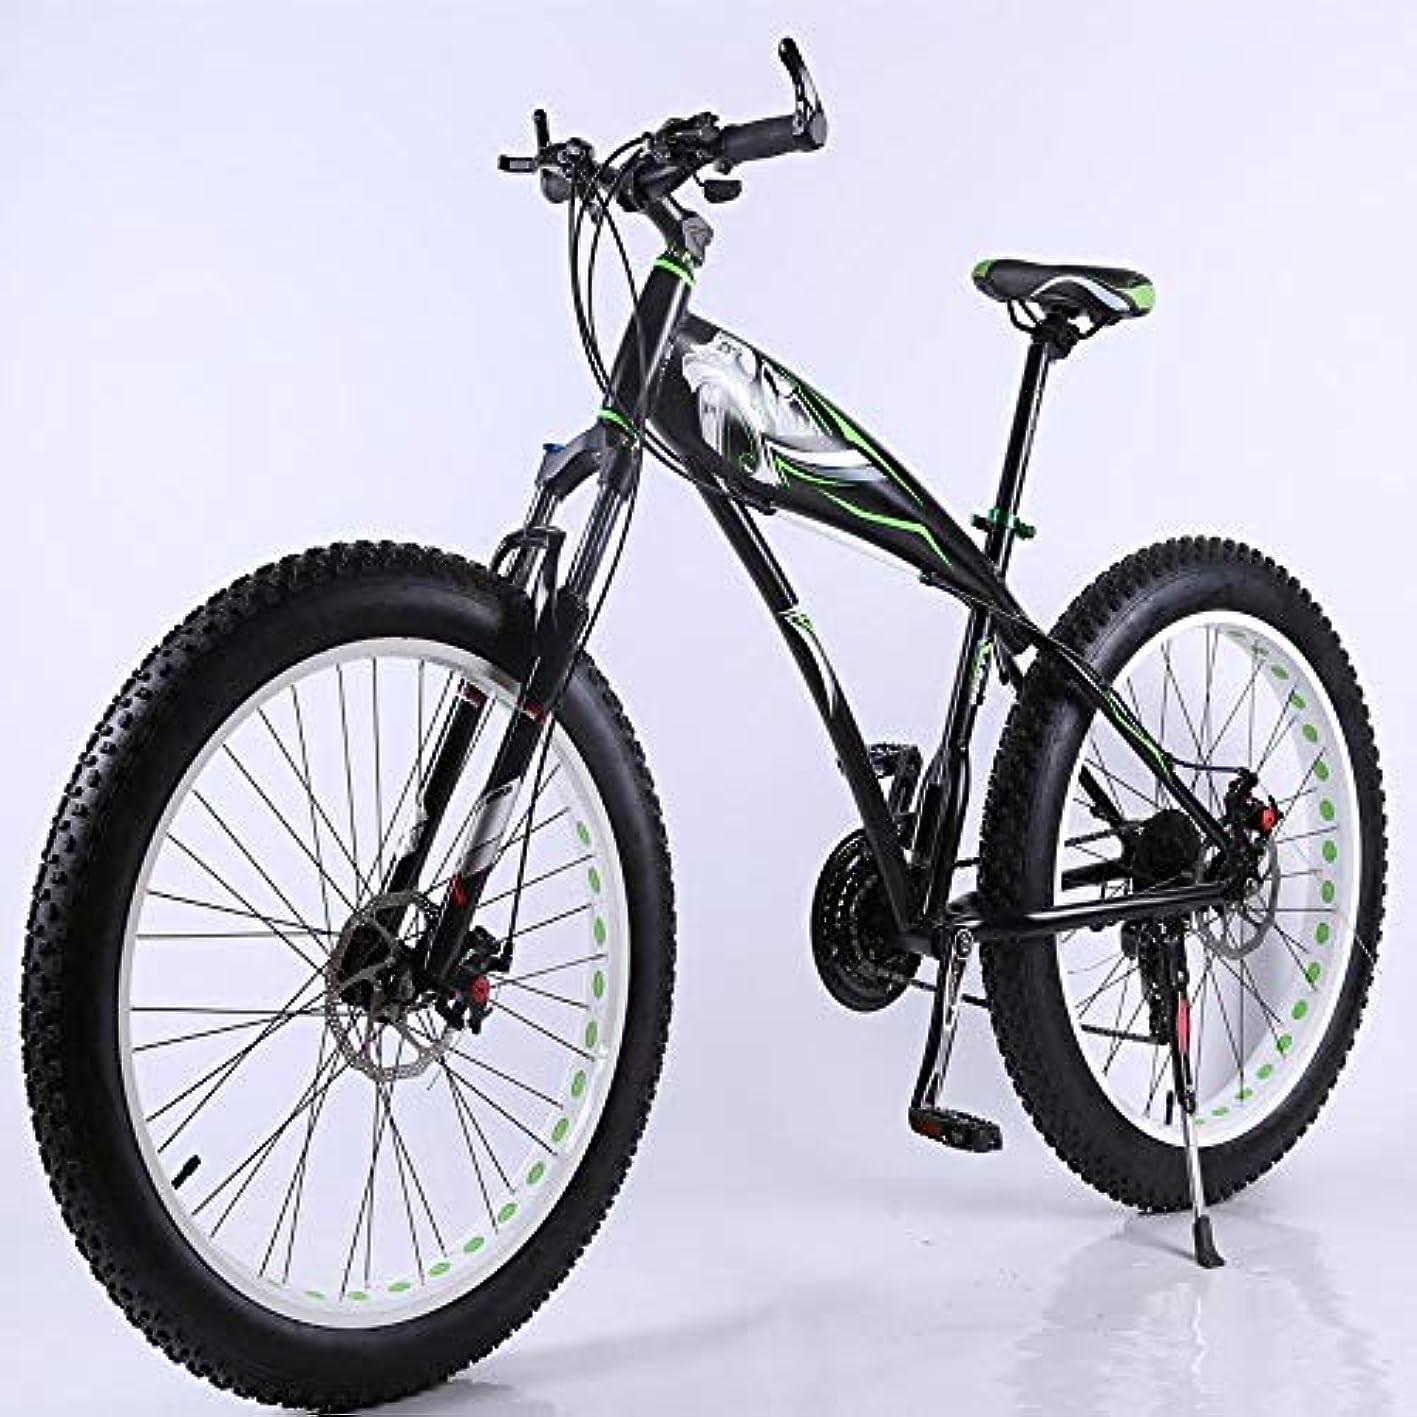 テレックスビルダー呪われた大人用バイクハイブリッドレトロスタイルのクルーザー、高材木ユースと大人用マウンテンバイク、アルミニウムとスチールフレームのオプション、リアラック、複数の色 Black white wheels